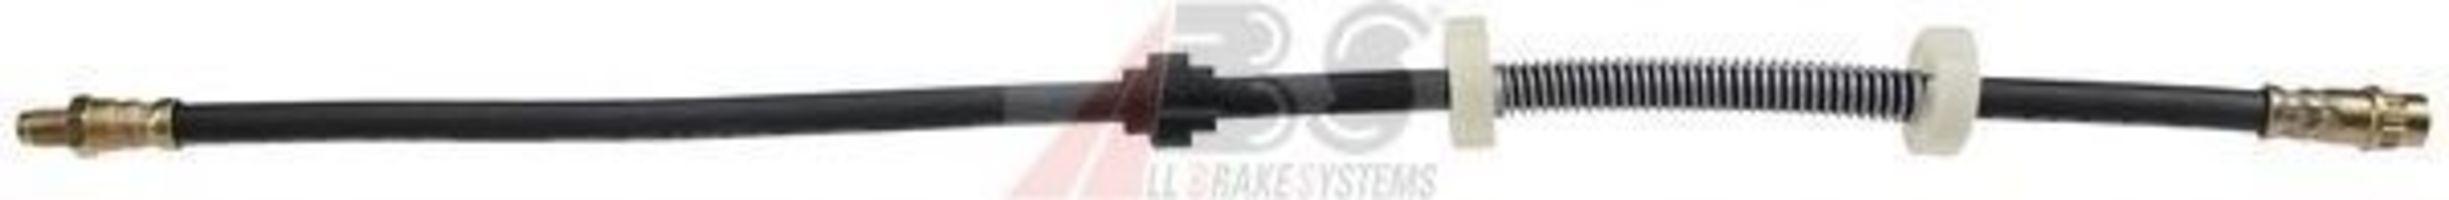 Шланг тормозной A.B.S. SL4940